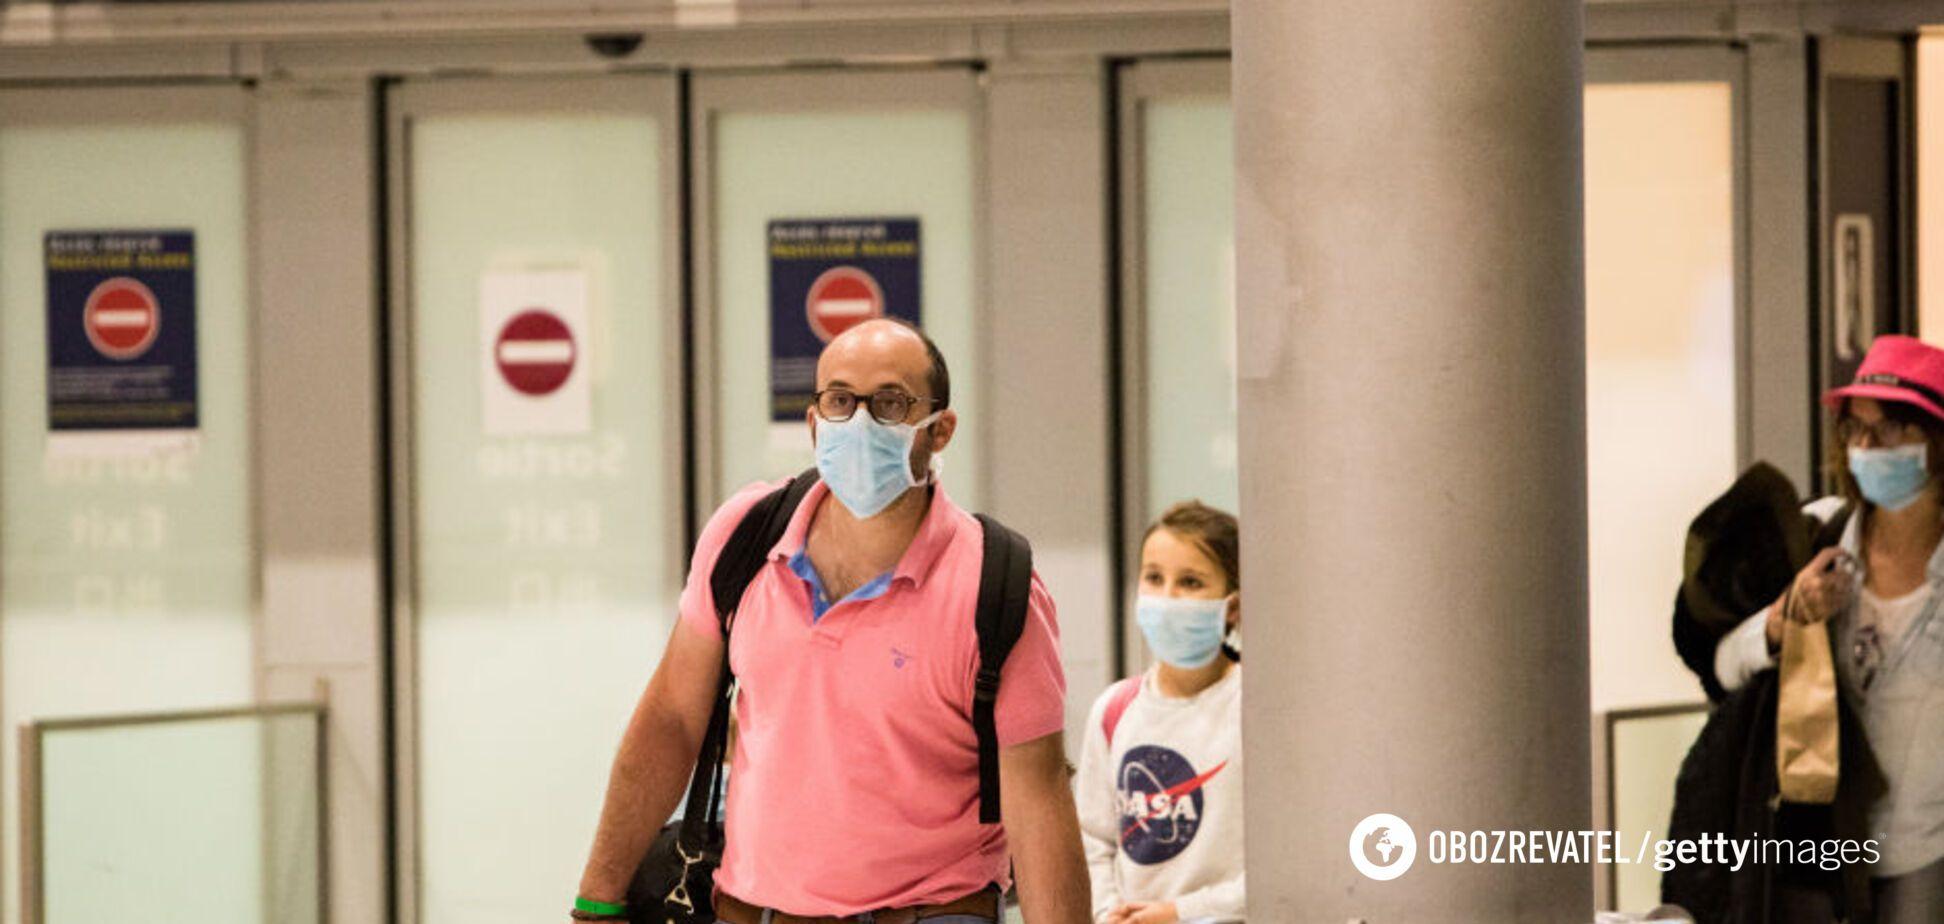 В самолете все сняли маски: ведите себя и дальше, как дикие обезьяны